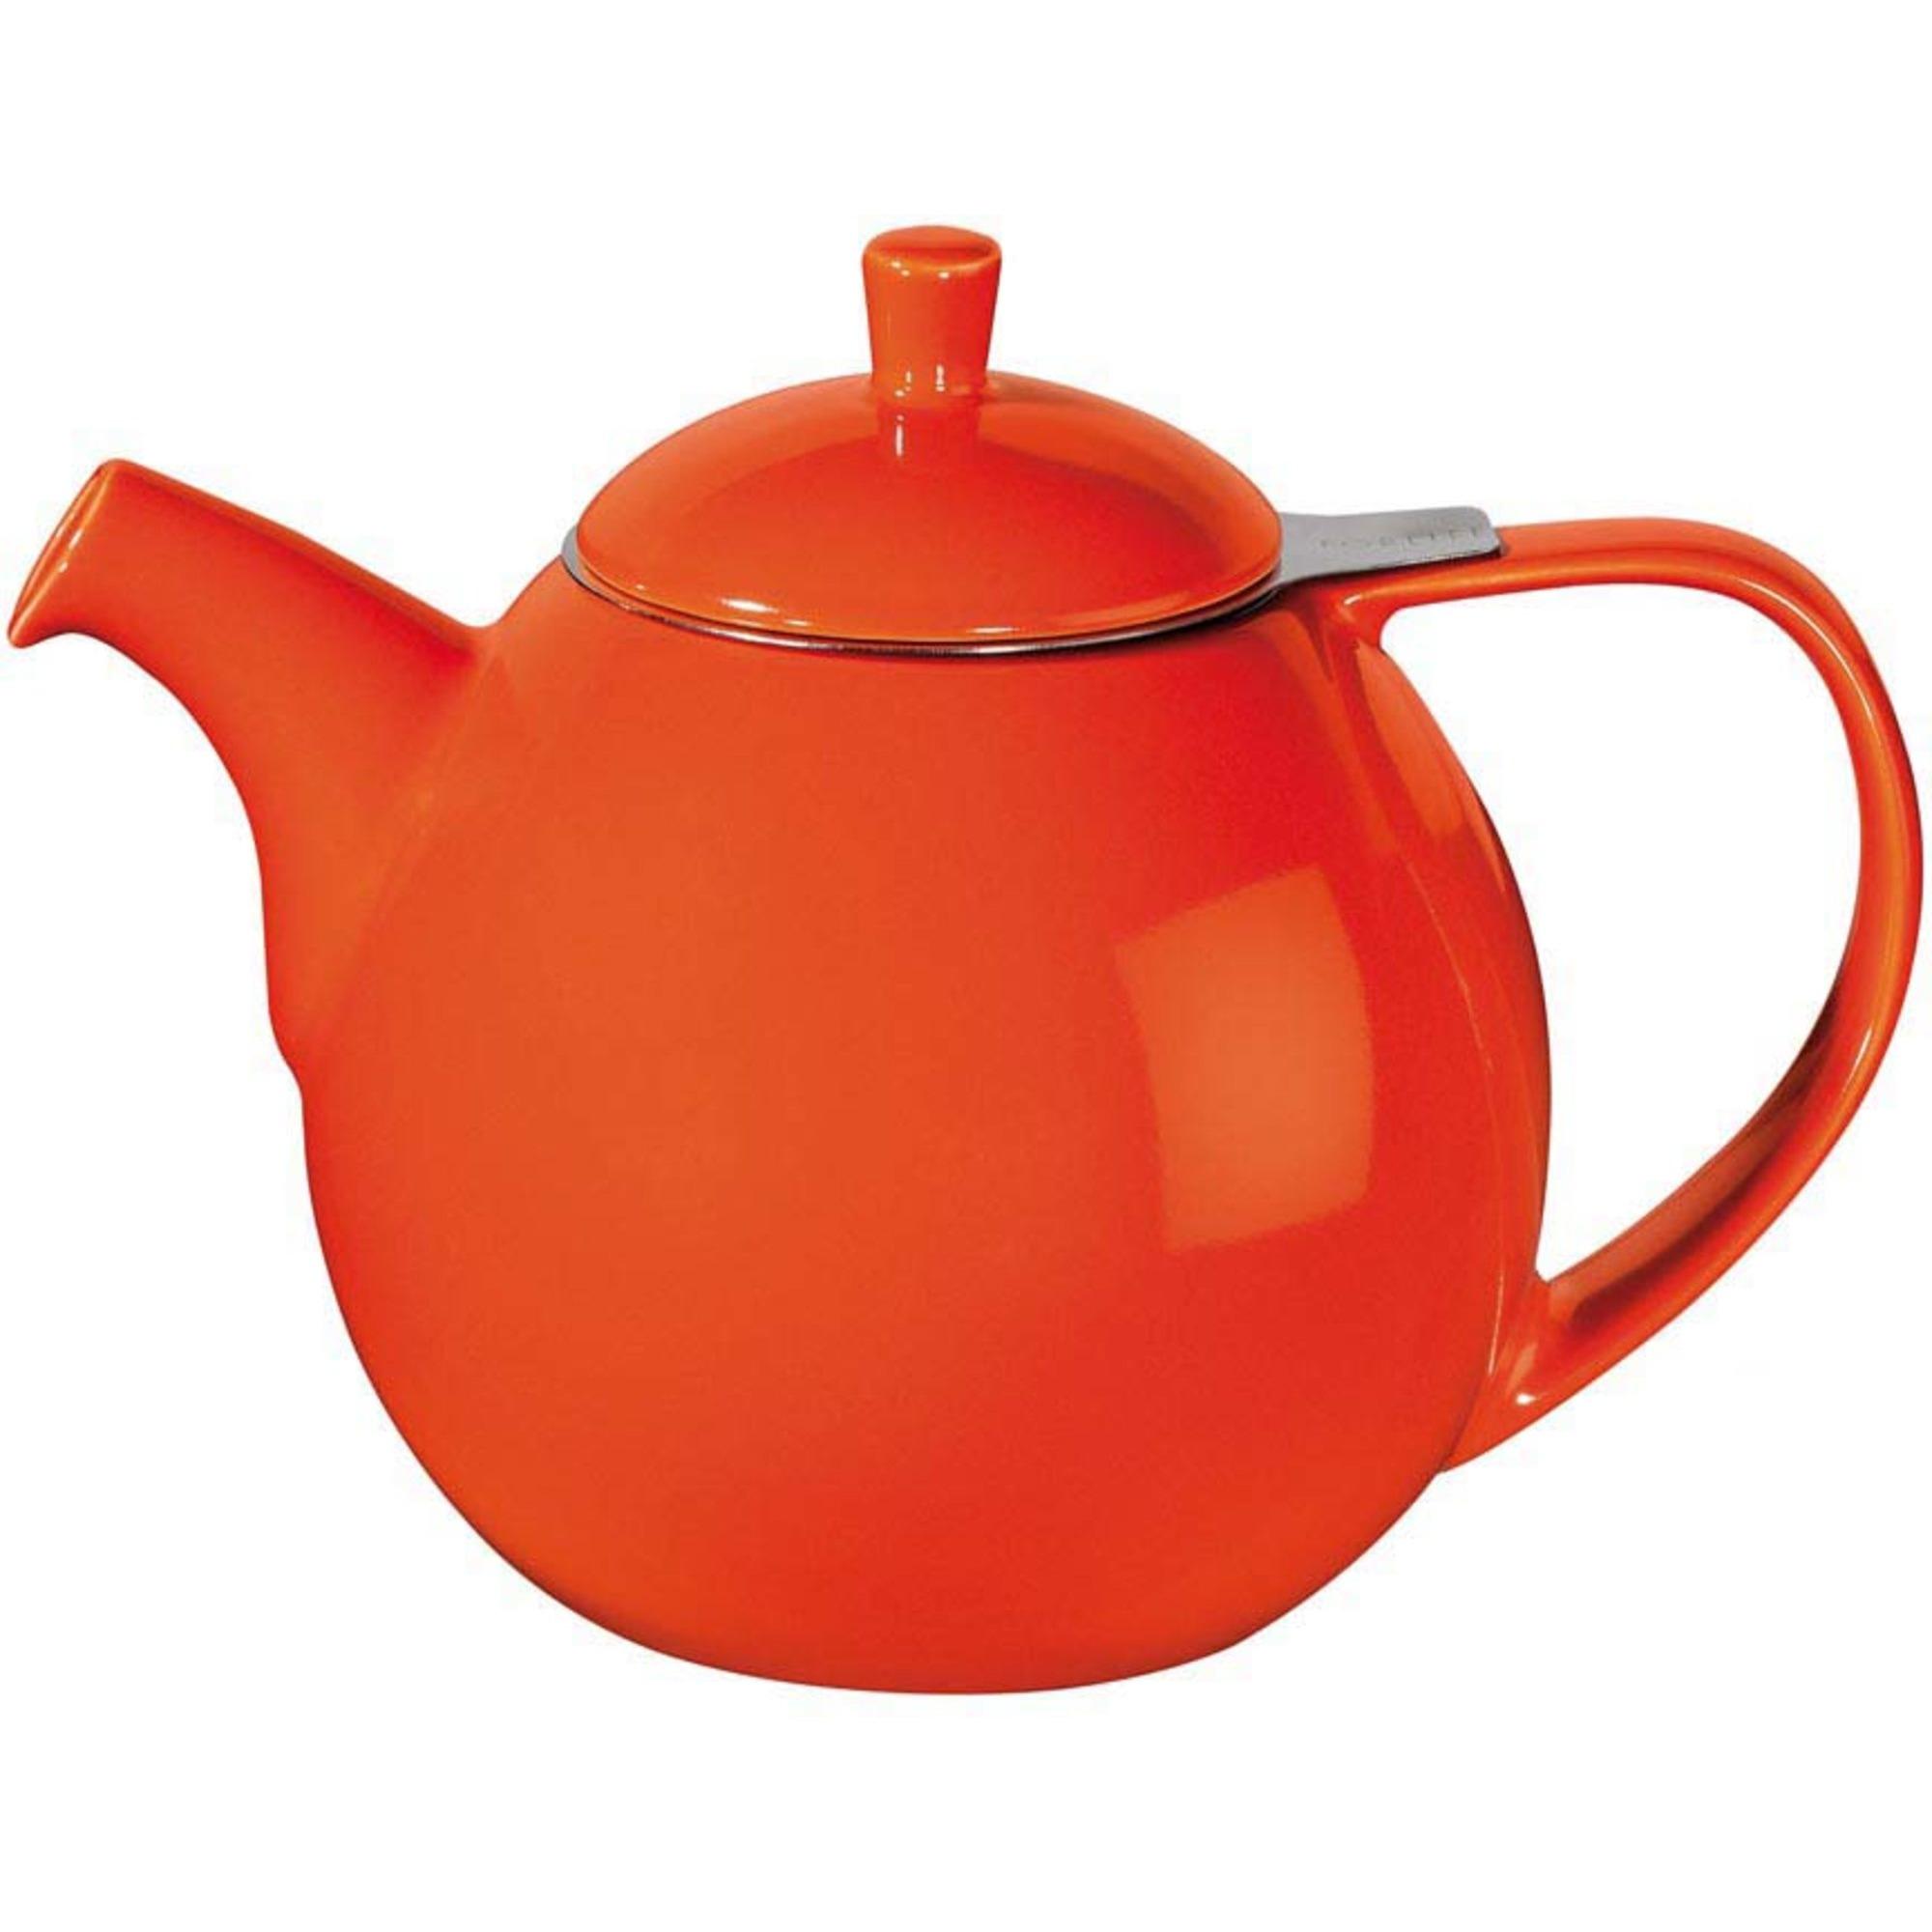 ForLife Curve Teapot 1,3L Oransje